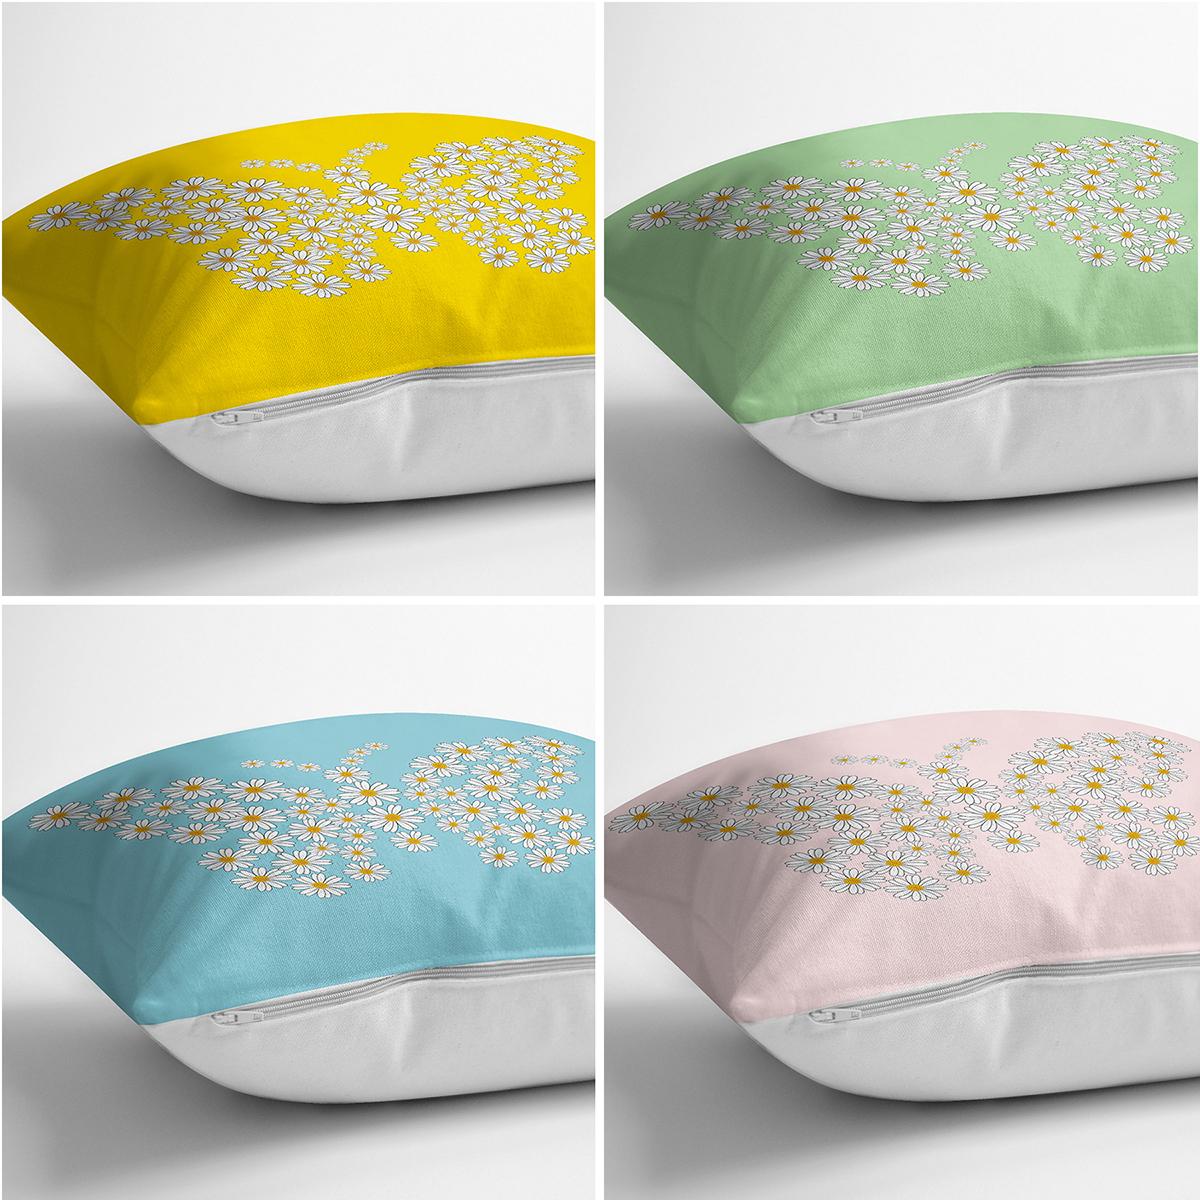 4'lü Renkli Zemin Papatya Kelebek Özel Tasarımlı Dijital Baskılı Modern Kırlent Kılıfı Seti Realhomes